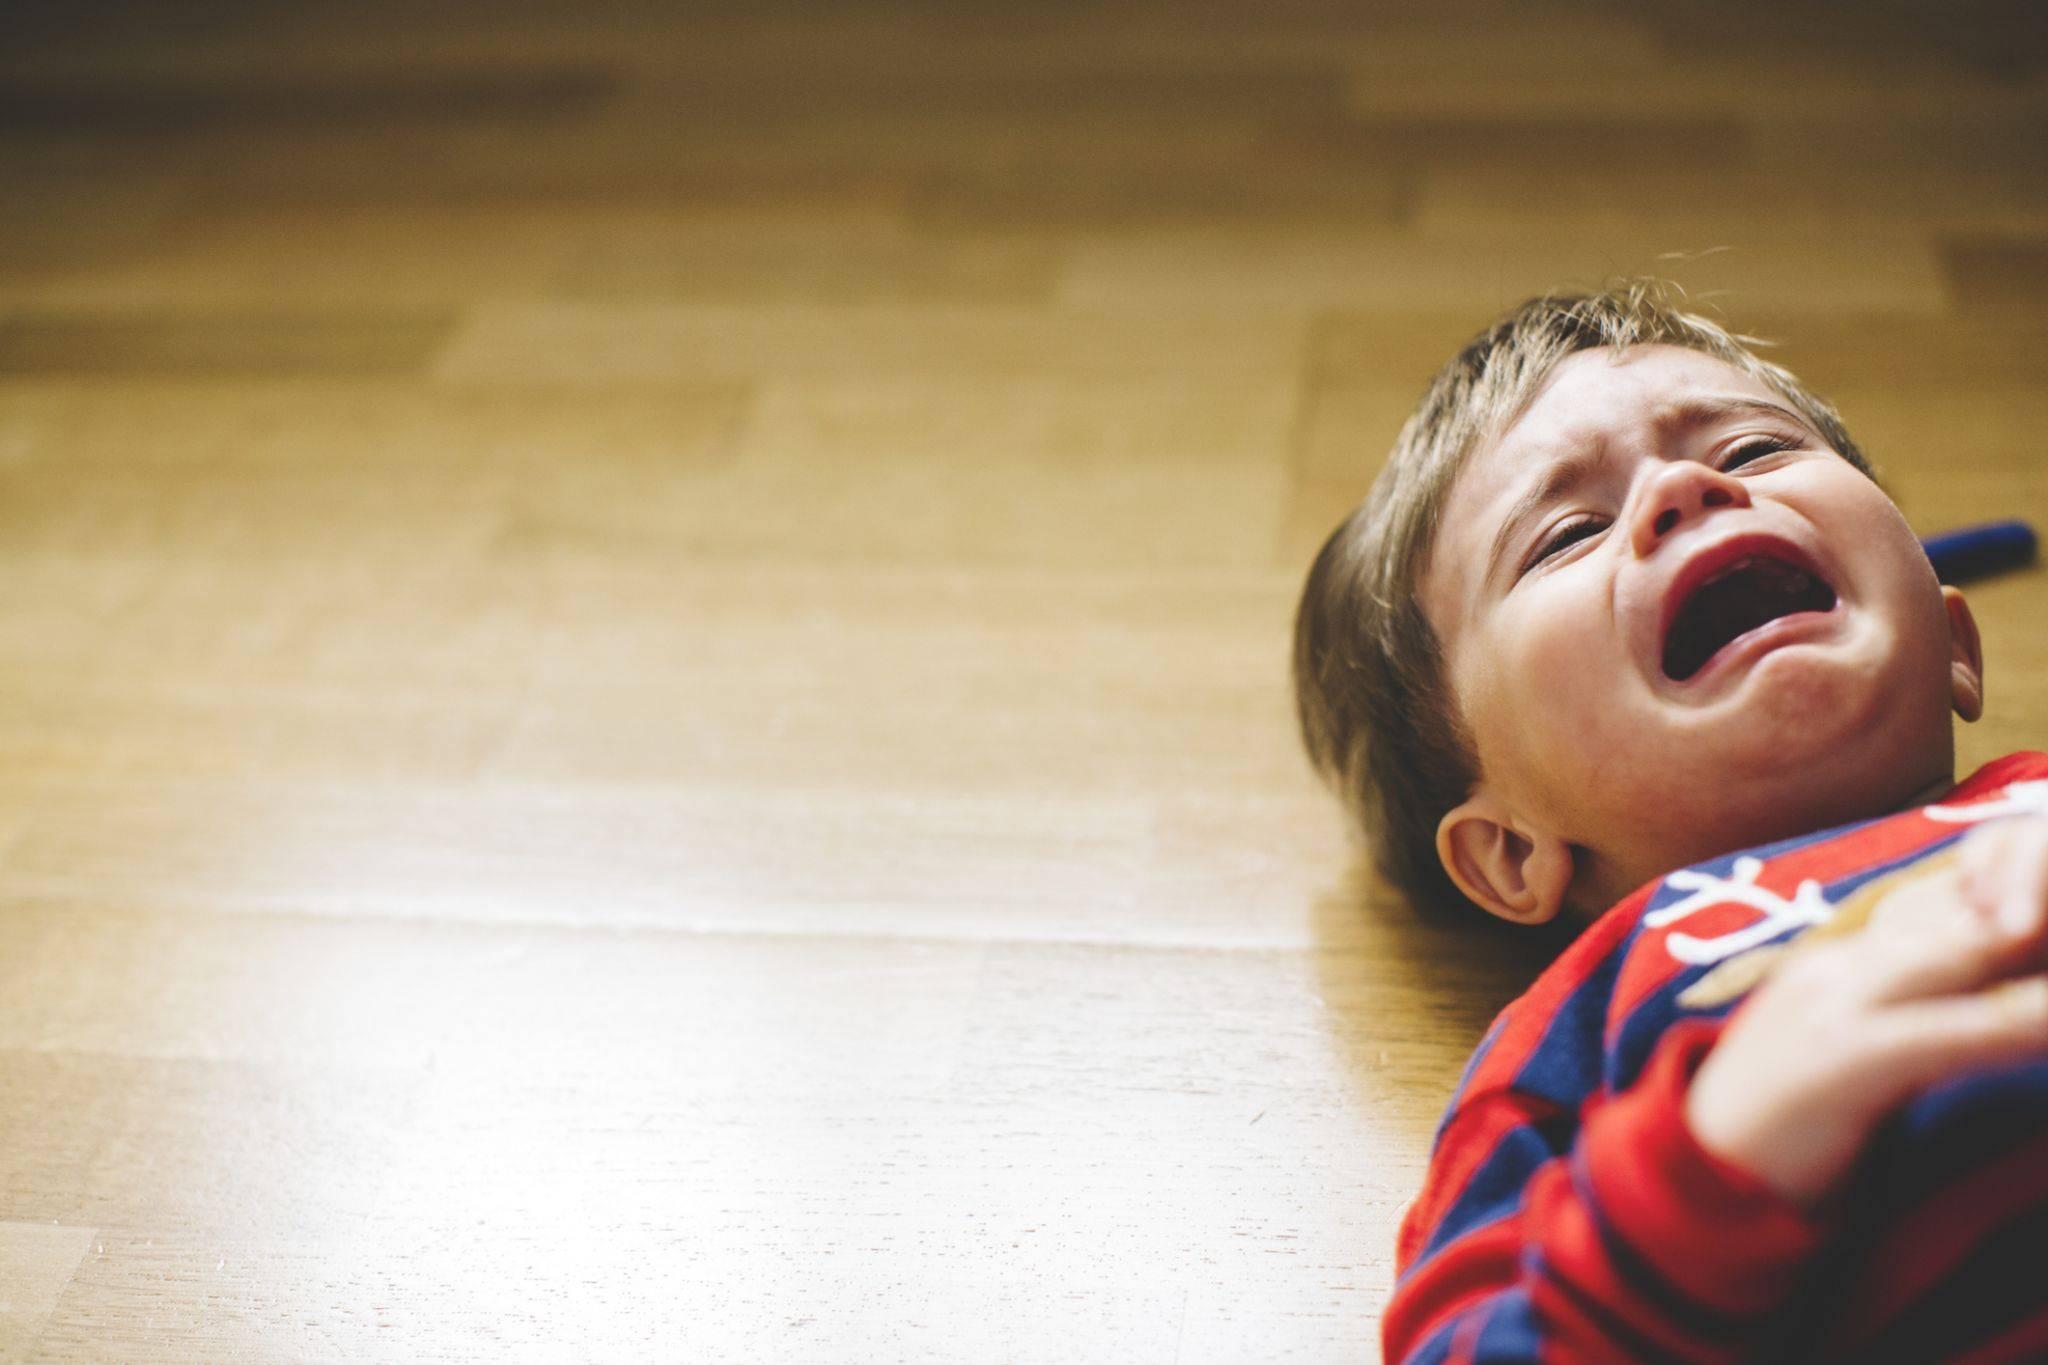 Как бороться с капризами ребенка в 1-2-3 года. как реагировать и что делать с капризами детей?